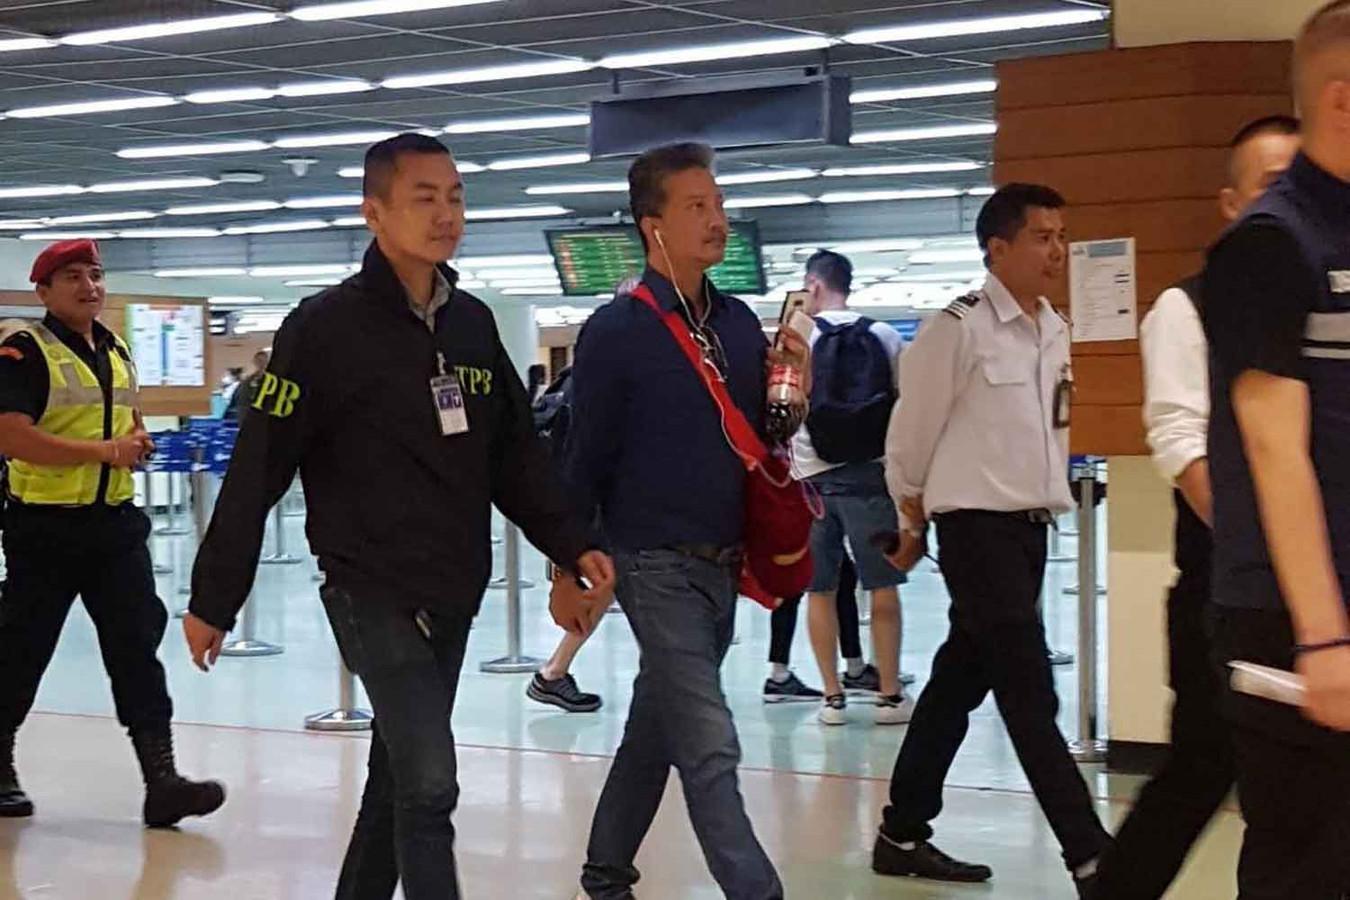 De 49-jarige Thananat Siripiyaporn kon aangehouden worden toen hij uit een vliegtuig stapte.